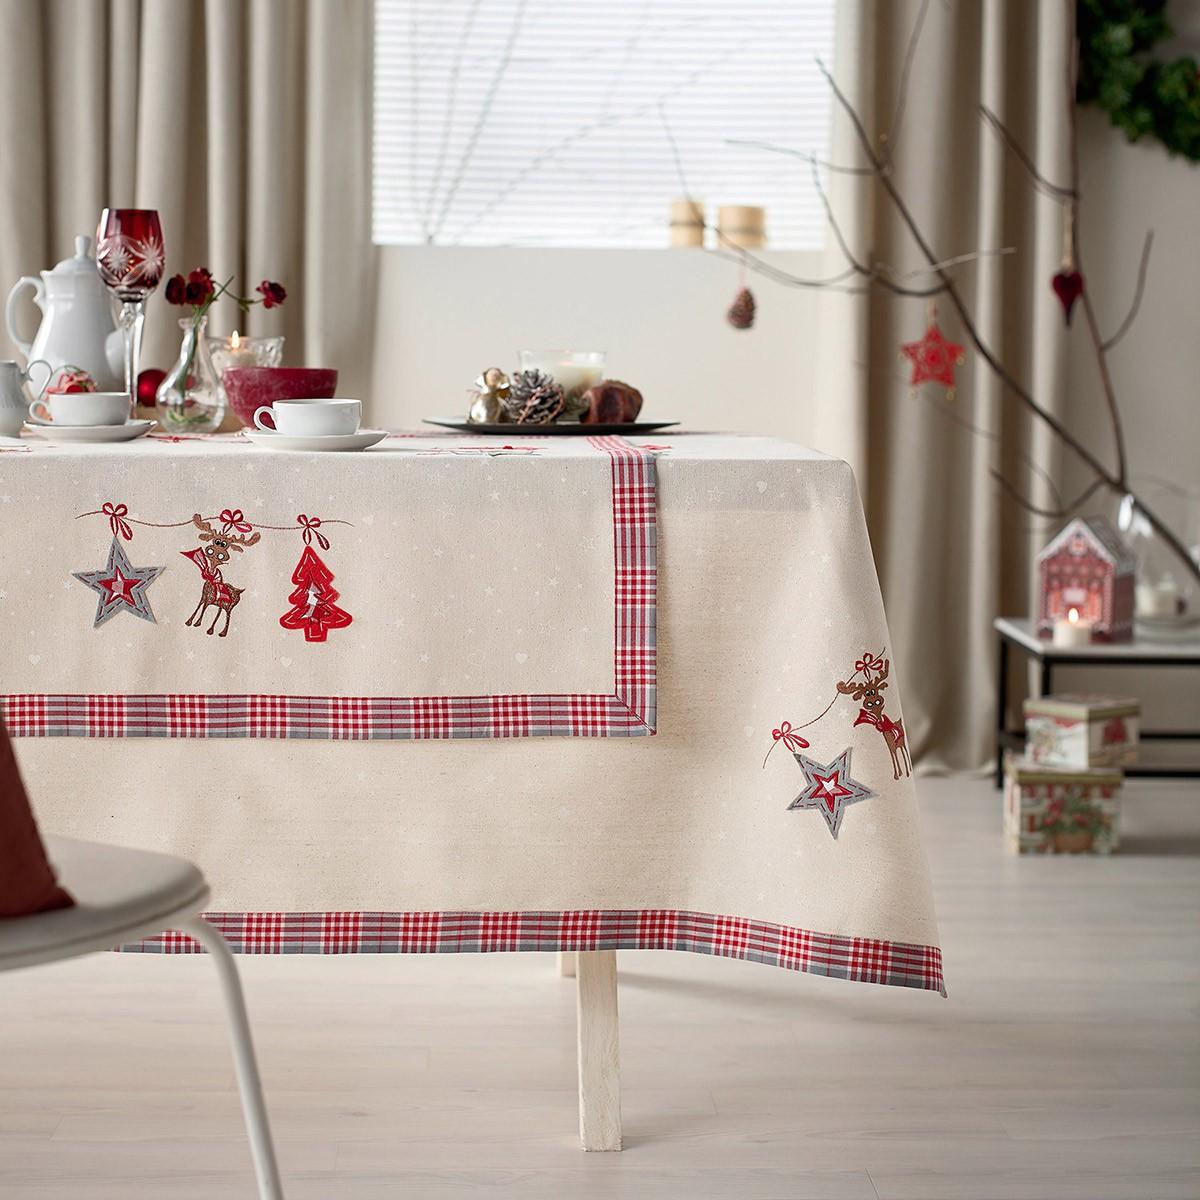 Χριστουγεννιάτικο Τραπεζομάντηλο (150×220) Gofis Home 336